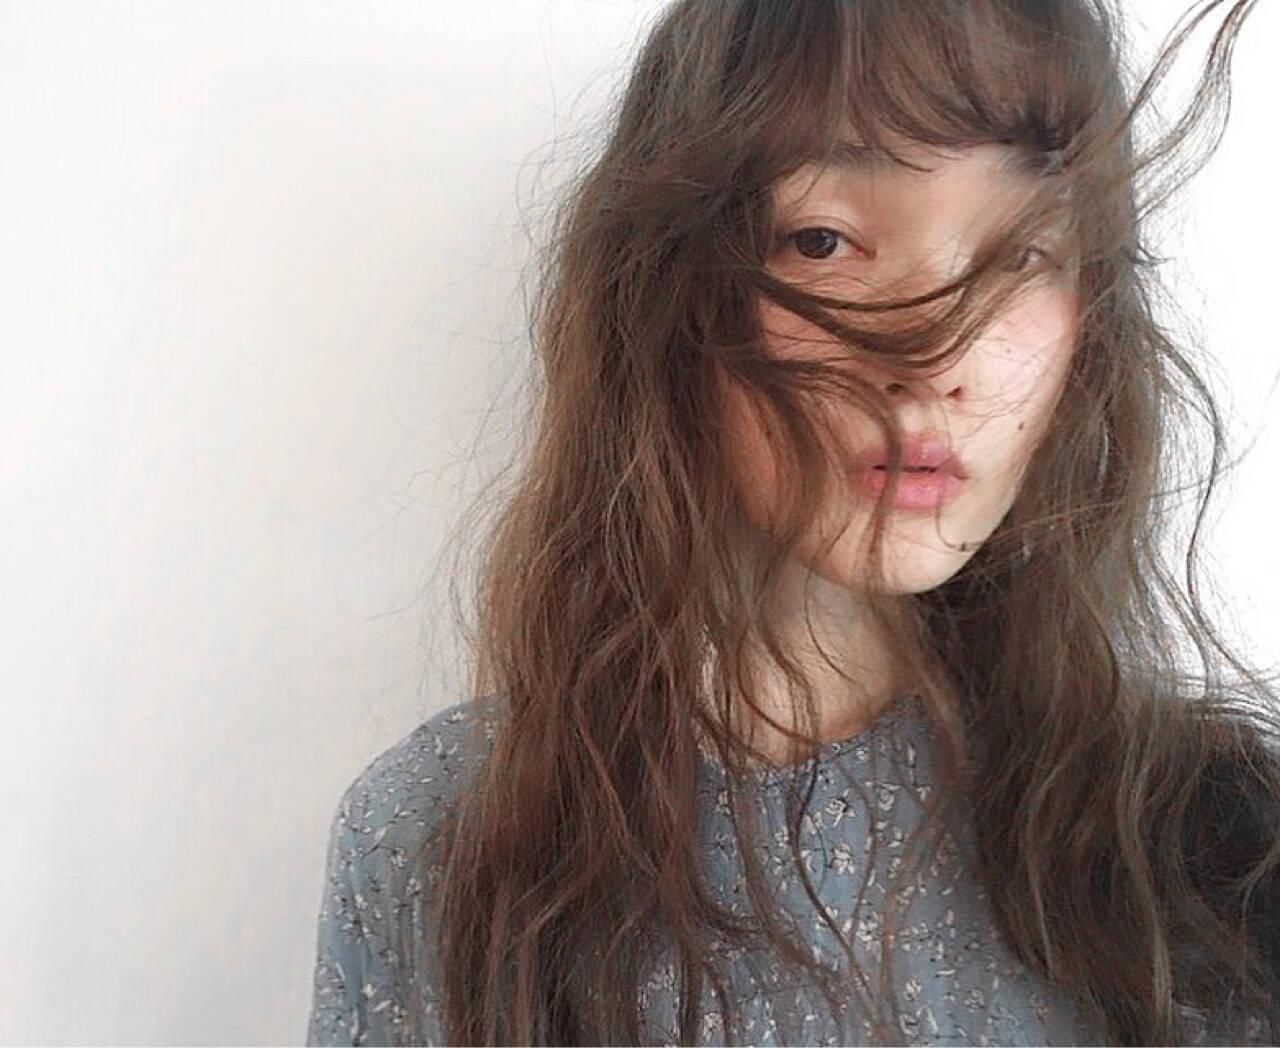 黒髪 オン眉 セミロング ロングヘアスタイルや髪型の写真・画像